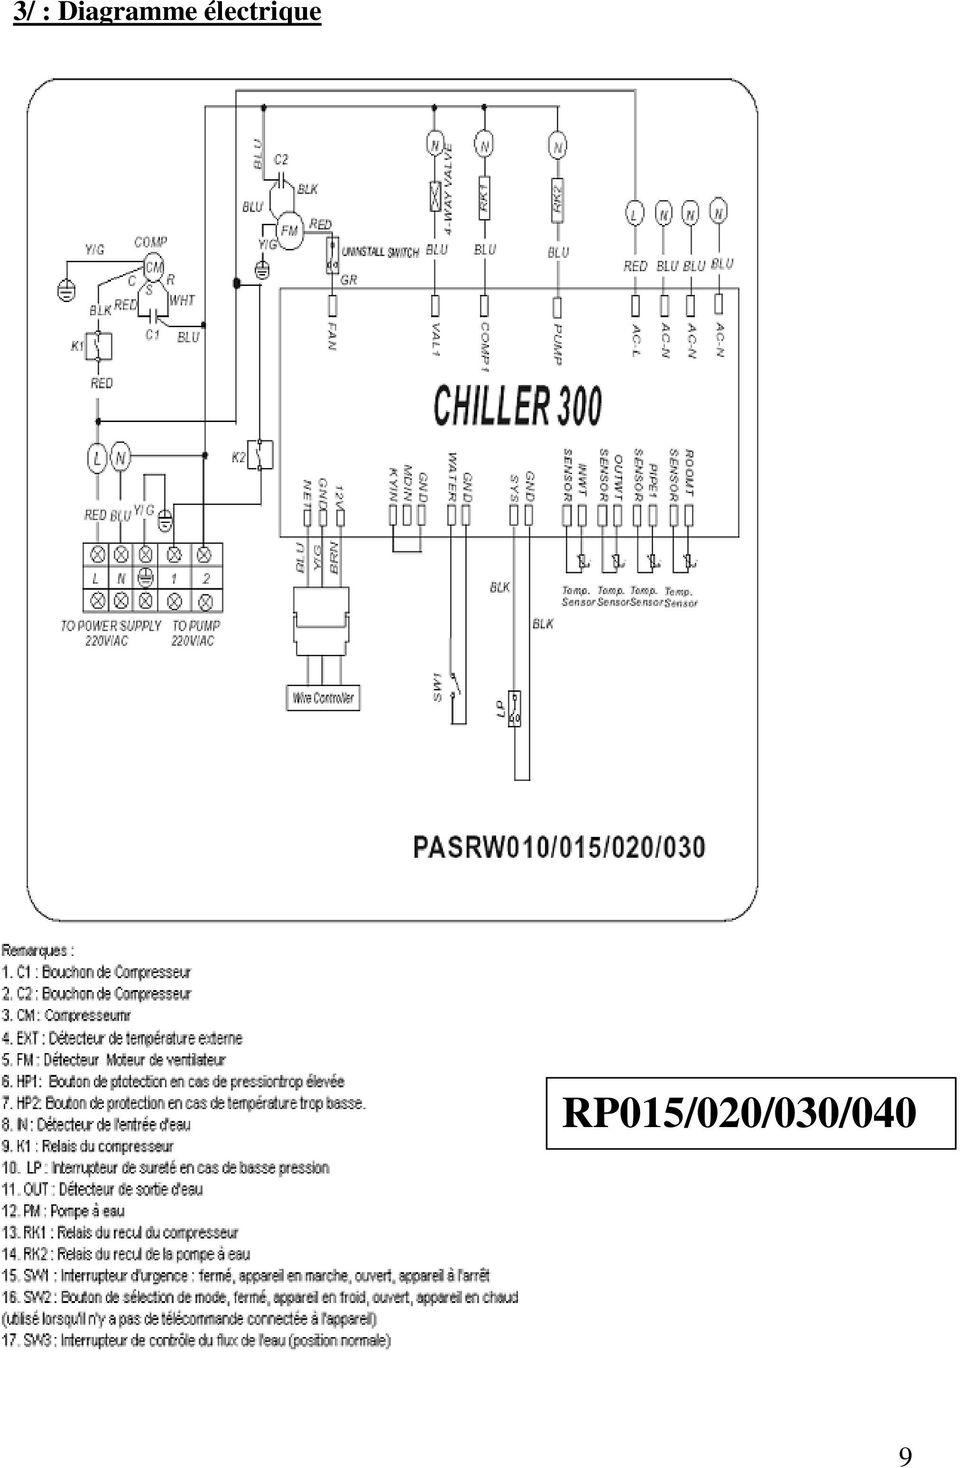 Symbole graphique schema electrique